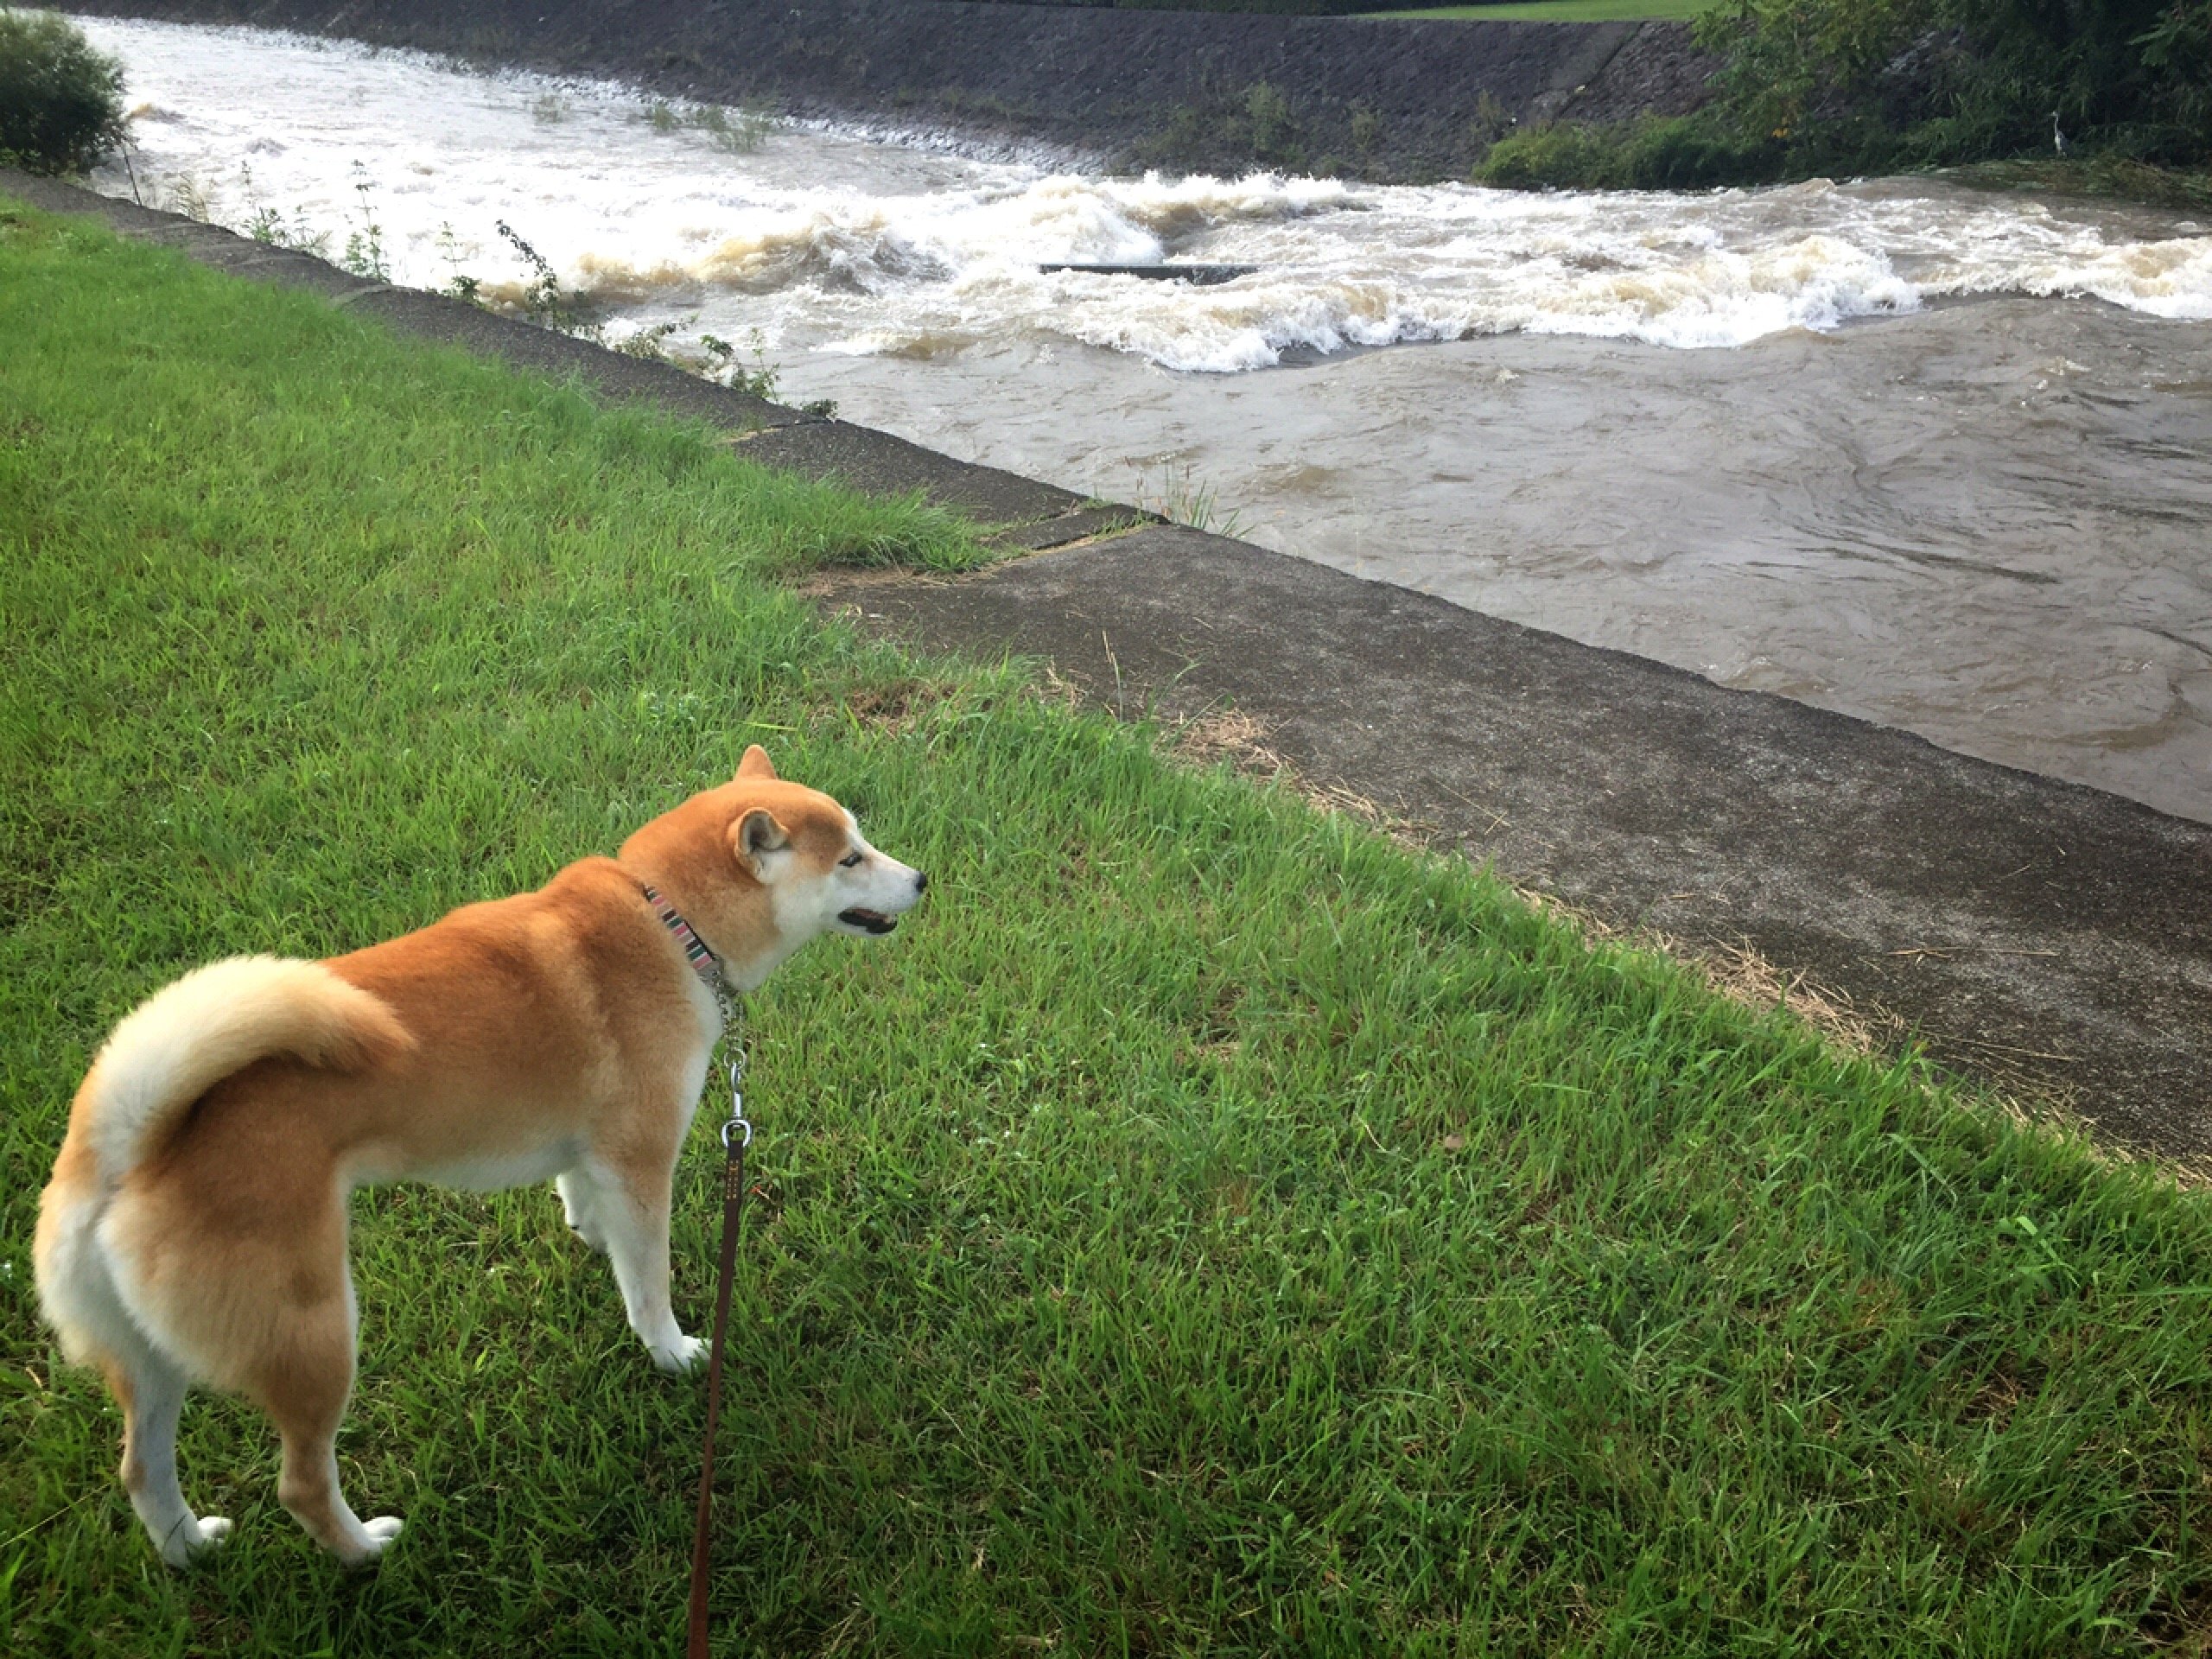 台風が過ぎ去った後の河川敷散歩